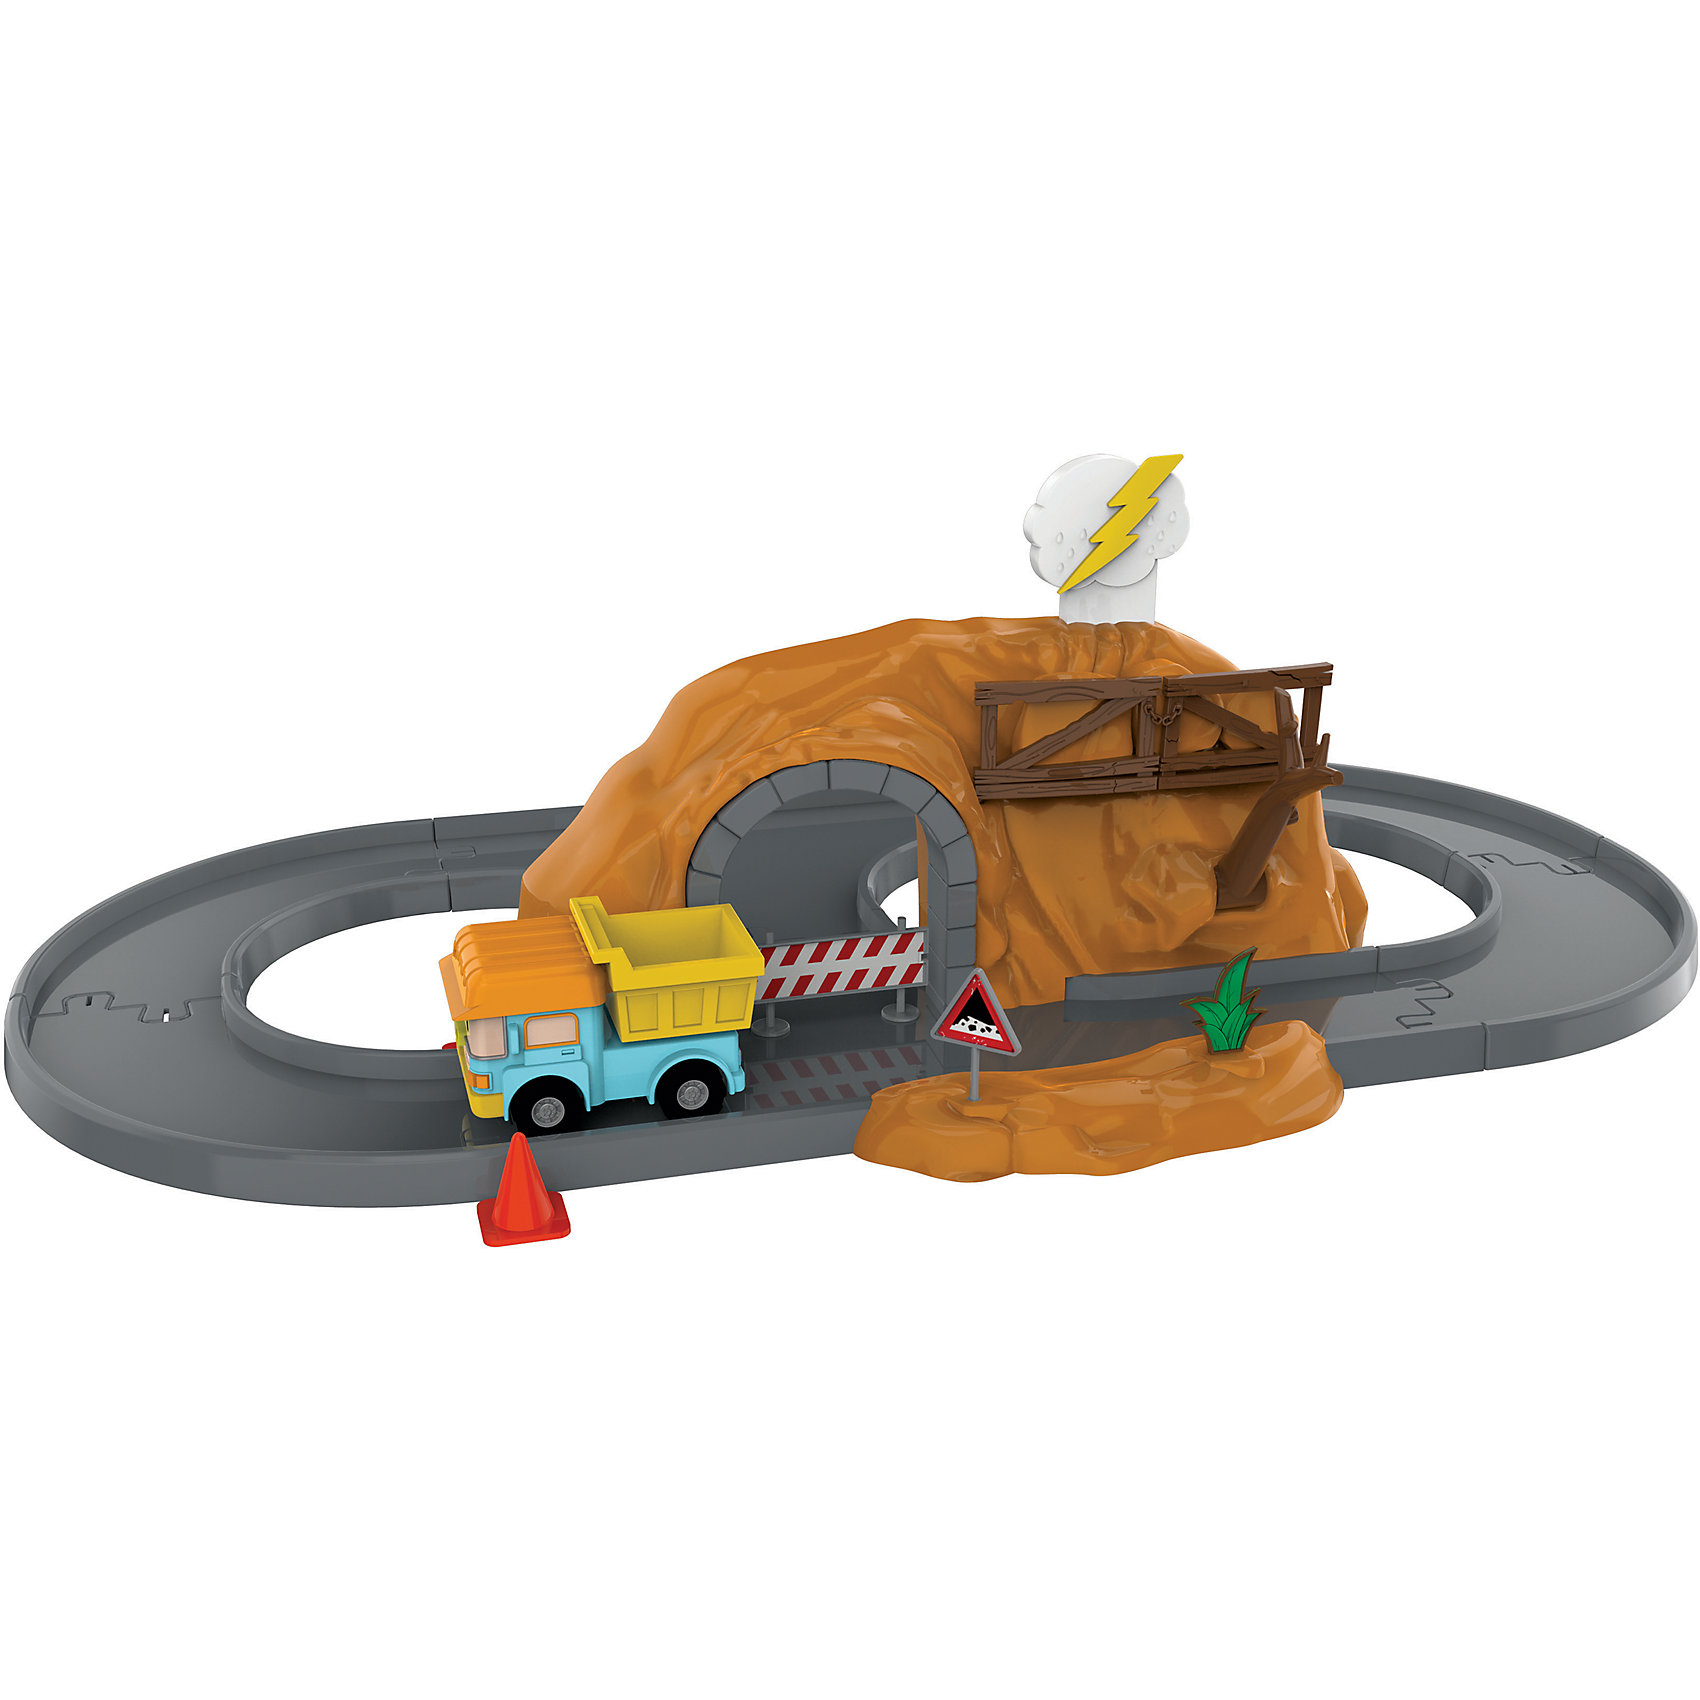 Пещера с камнями с металлической машинкой Дампи, Робокар ПолиИдеи подарков<br>Характеристики:<br><br>• Предназначение: для сюжетно-ролевых игр<br>• Пол: универсальный<br>• Коллекция: Робокар Поли и его друзья<br>• Материал: пластик, металл<br>• Комплектация: машинка, элементы железнодорожного полотна, пещера, аксессуары<br>• Имитация горного обвала<br>• Вес: 900 г<br>• Размеры упаковки (Д*В*Ш): 36*18*18 см<br>• Упаковка: картонная коробка с блистером<br>• Особенности ухода: сухая или влажная чистка<br><br>Пещера с камнями с металлической машинкой Дампи, Робокар Поли – этот  набор производителем которого является торговый бренд Silverlit, специализирующийся на выпуске высокотехнологических игрушек. Набор состоит из железнодорожного полотна овальной формы, пещеры, машинки в образе Дампи, а также аксессуаров. Железная дорога и аксессуары выполнены из ударопрочного и нетоксичного пластика. Машинка из металла. <br><br>Элементы игрового набора окрашены безопасными красками. Входящие в набор аксессуары, позволяют имитировать обвал камней в горах, для этого достаточно нажать на облачко, расположенное на вершине тоннеля-горы. Подвижные или сюжетно-ролевые игры с машинками  будут способствовать развитию координации движений, фантазии и воображения, а также позволят воспроизвести наиболее понравившиеся сюжеты с любимыми героями.<br><br>Пещера с камнями с металлической машинкой Дампи, Робокар Поли можно купить в нашем интернет-магазине.<br><br>Ширина мм: 360<br>Глубина мм: 180<br>Высота мм: 180<br>Вес г: 900<br>Возраст от месяцев: 36<br>Возраст до месяцев: 2147483647<br>Пол: Мужской<br>Возраст: Детский<br>SKU: 5331558